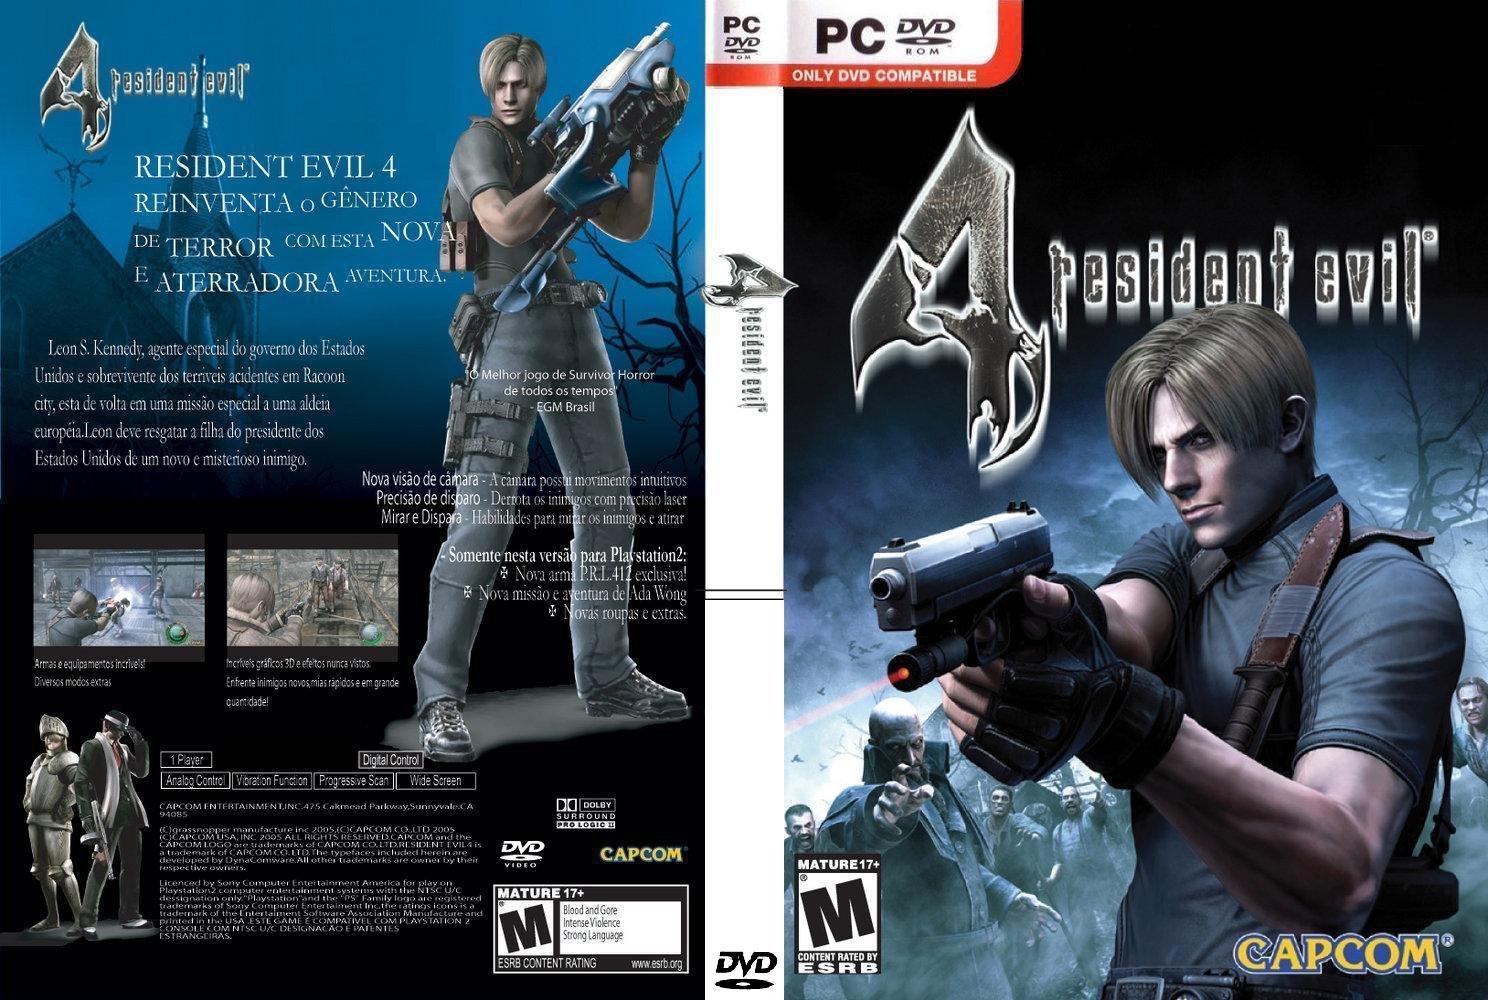 [MF] Resident Evil 4 + Chơi Bằng Chuột [Game Phiêu lưu Kinh dị]